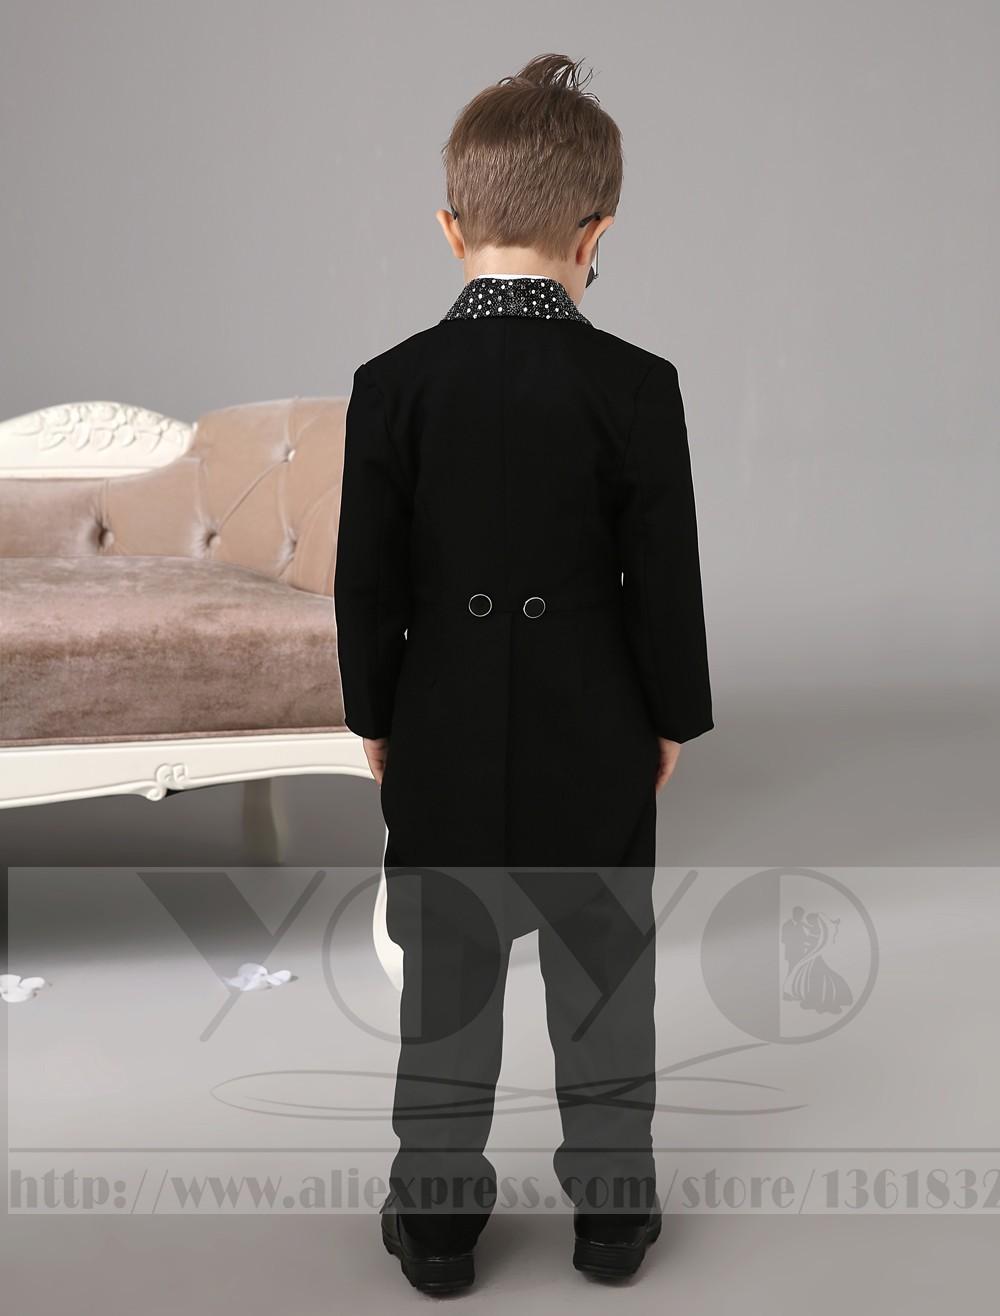 Скидки на Четыре Пьесы Роскошный формальные Черный костюмы для мальчиков дети Смокинг С Черным Галстуком-бабочкой мальчиков наряд обручальное Кольцо Предъявителя Костюмы